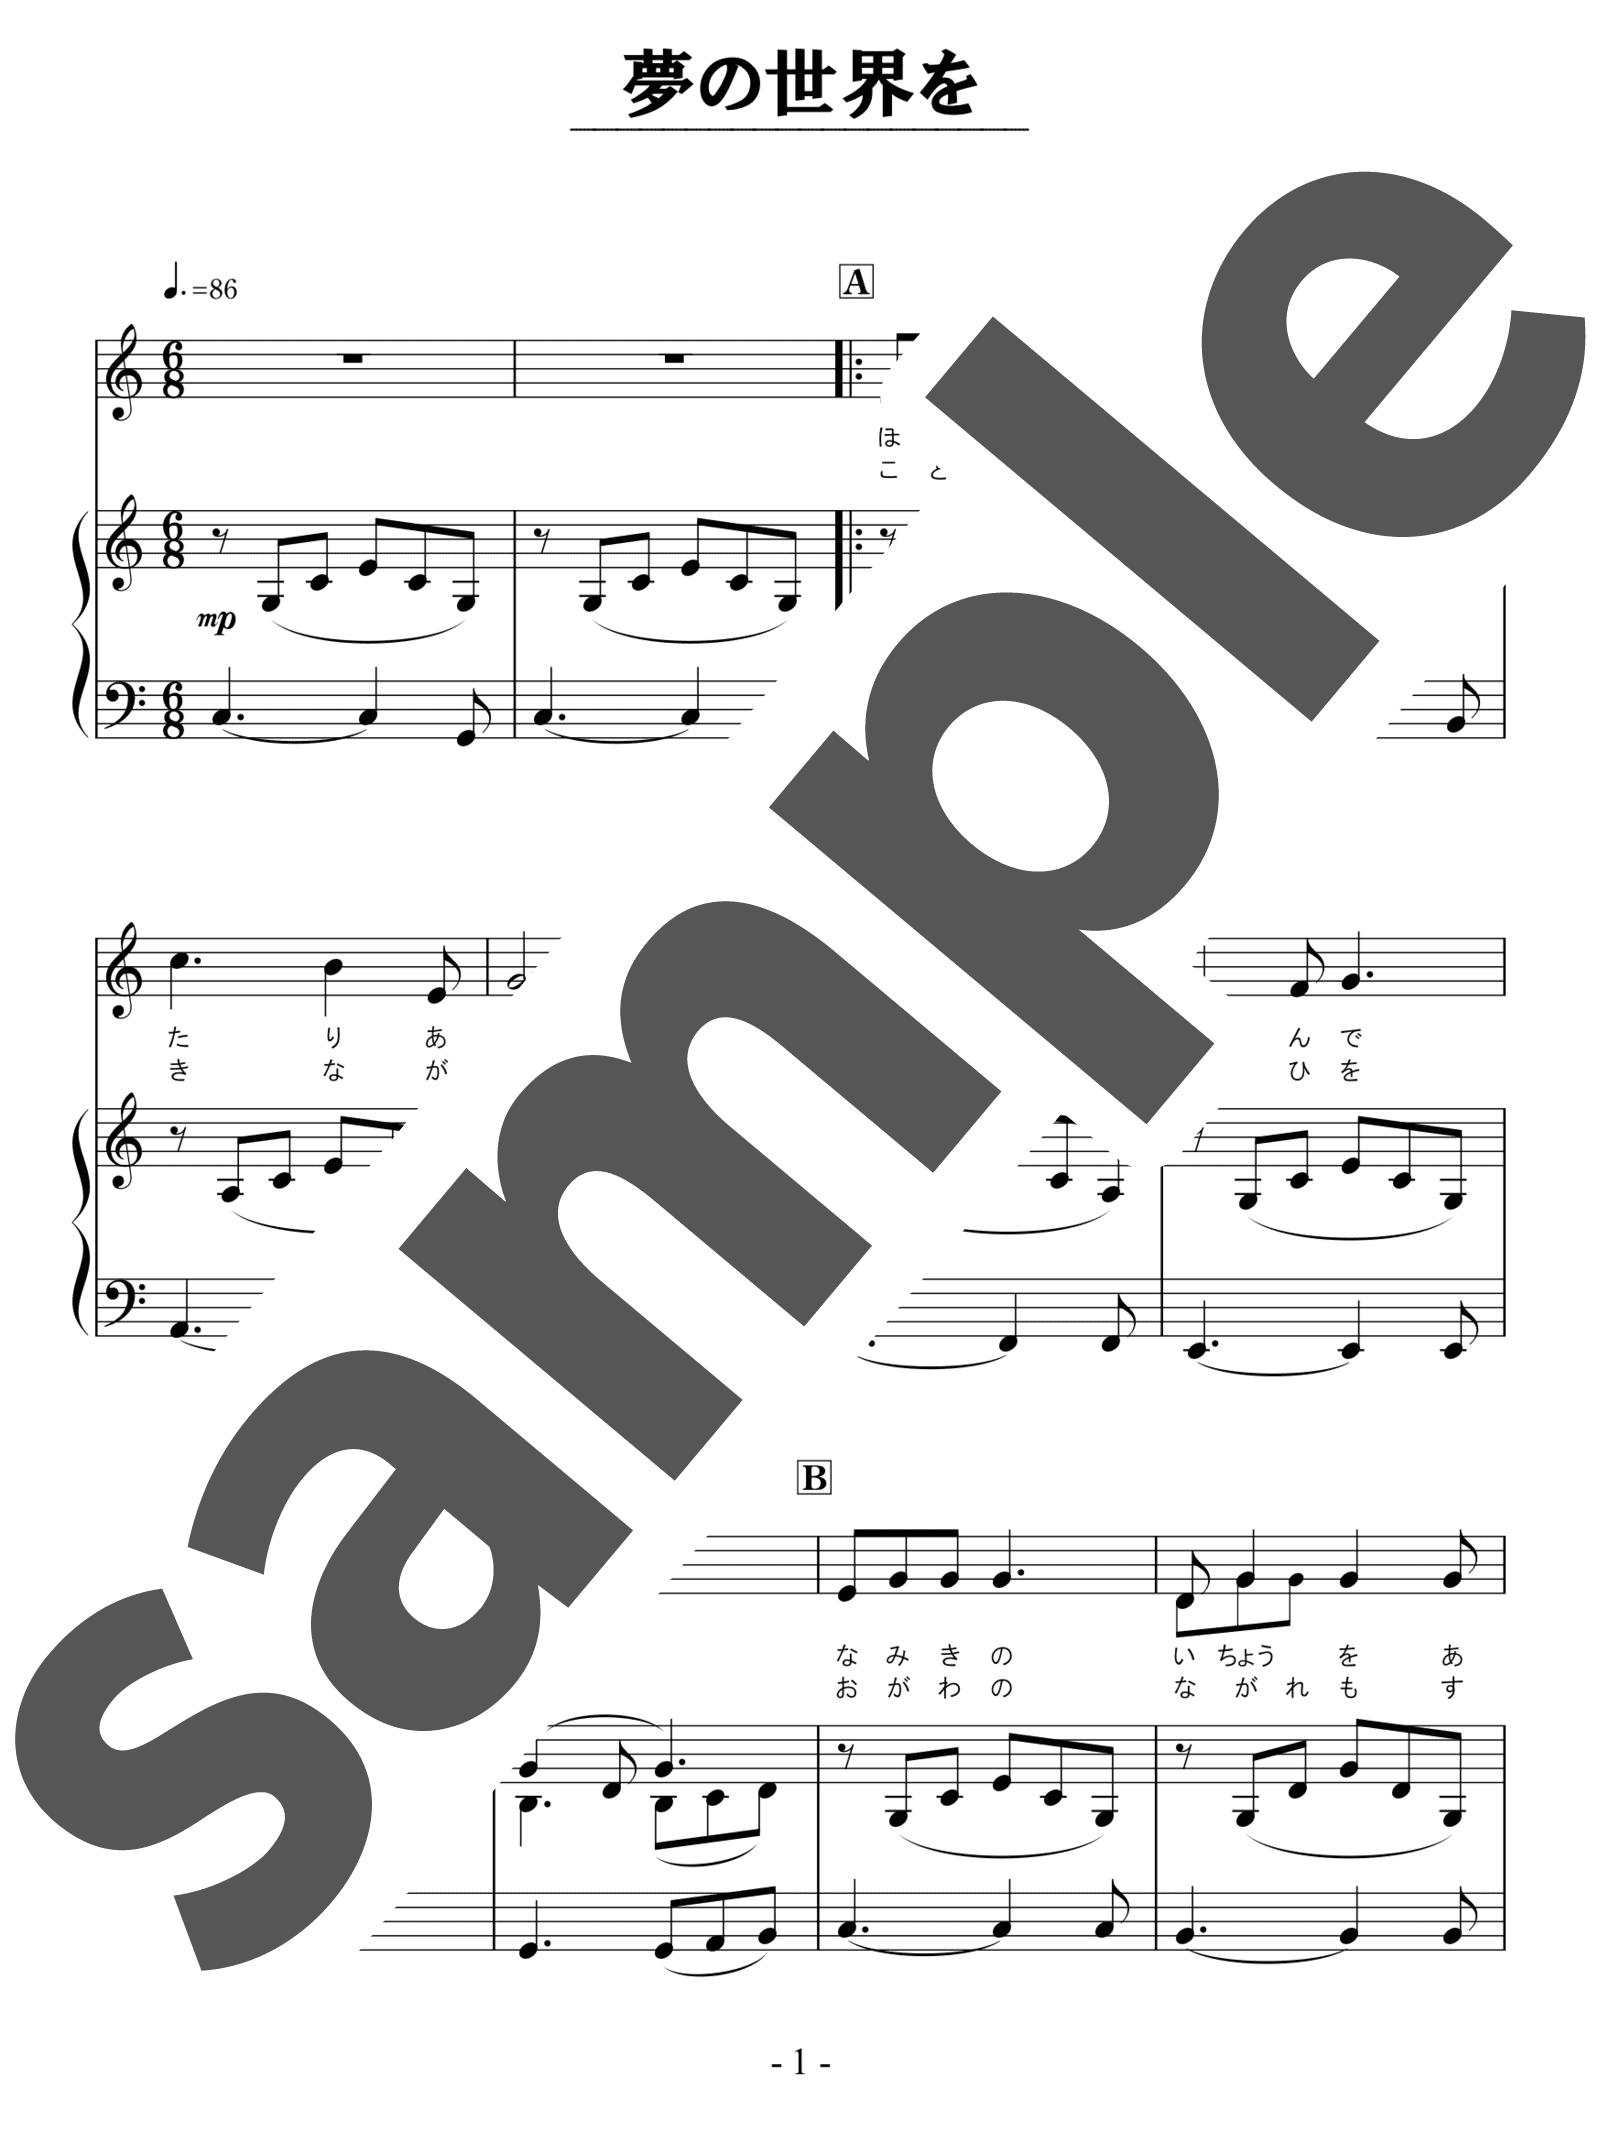 「夢の世界を」のサンプル楽譜